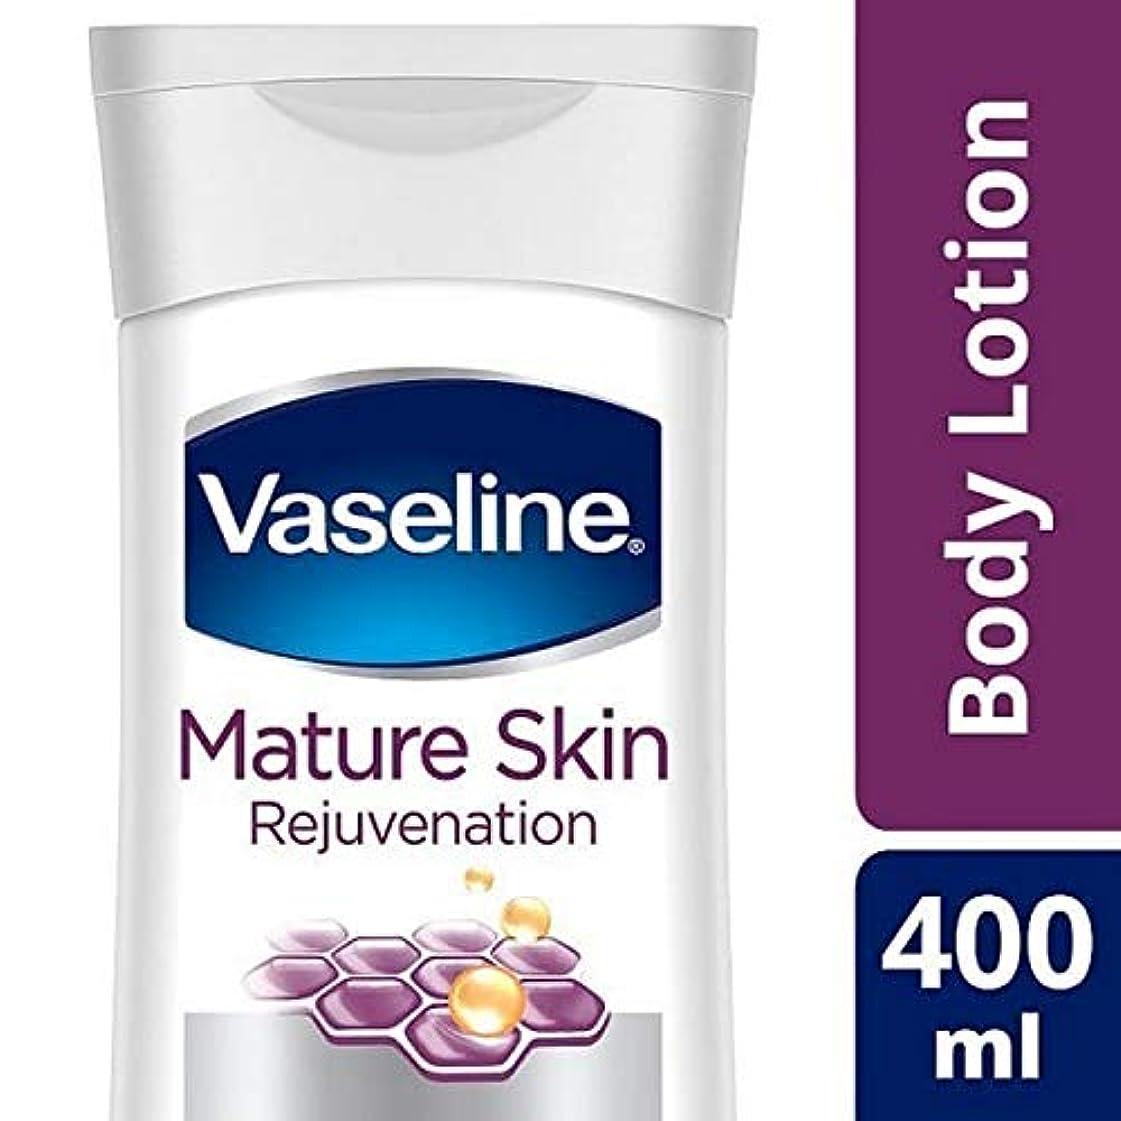 イノセンスダニ一人で[Vaseline ] 成熟した肌のための400ミリリットルワセリン集中治療ボディローション - Vaseline Intensive Care Body Lotion for Mature Skin 400ml [並行輸入品]